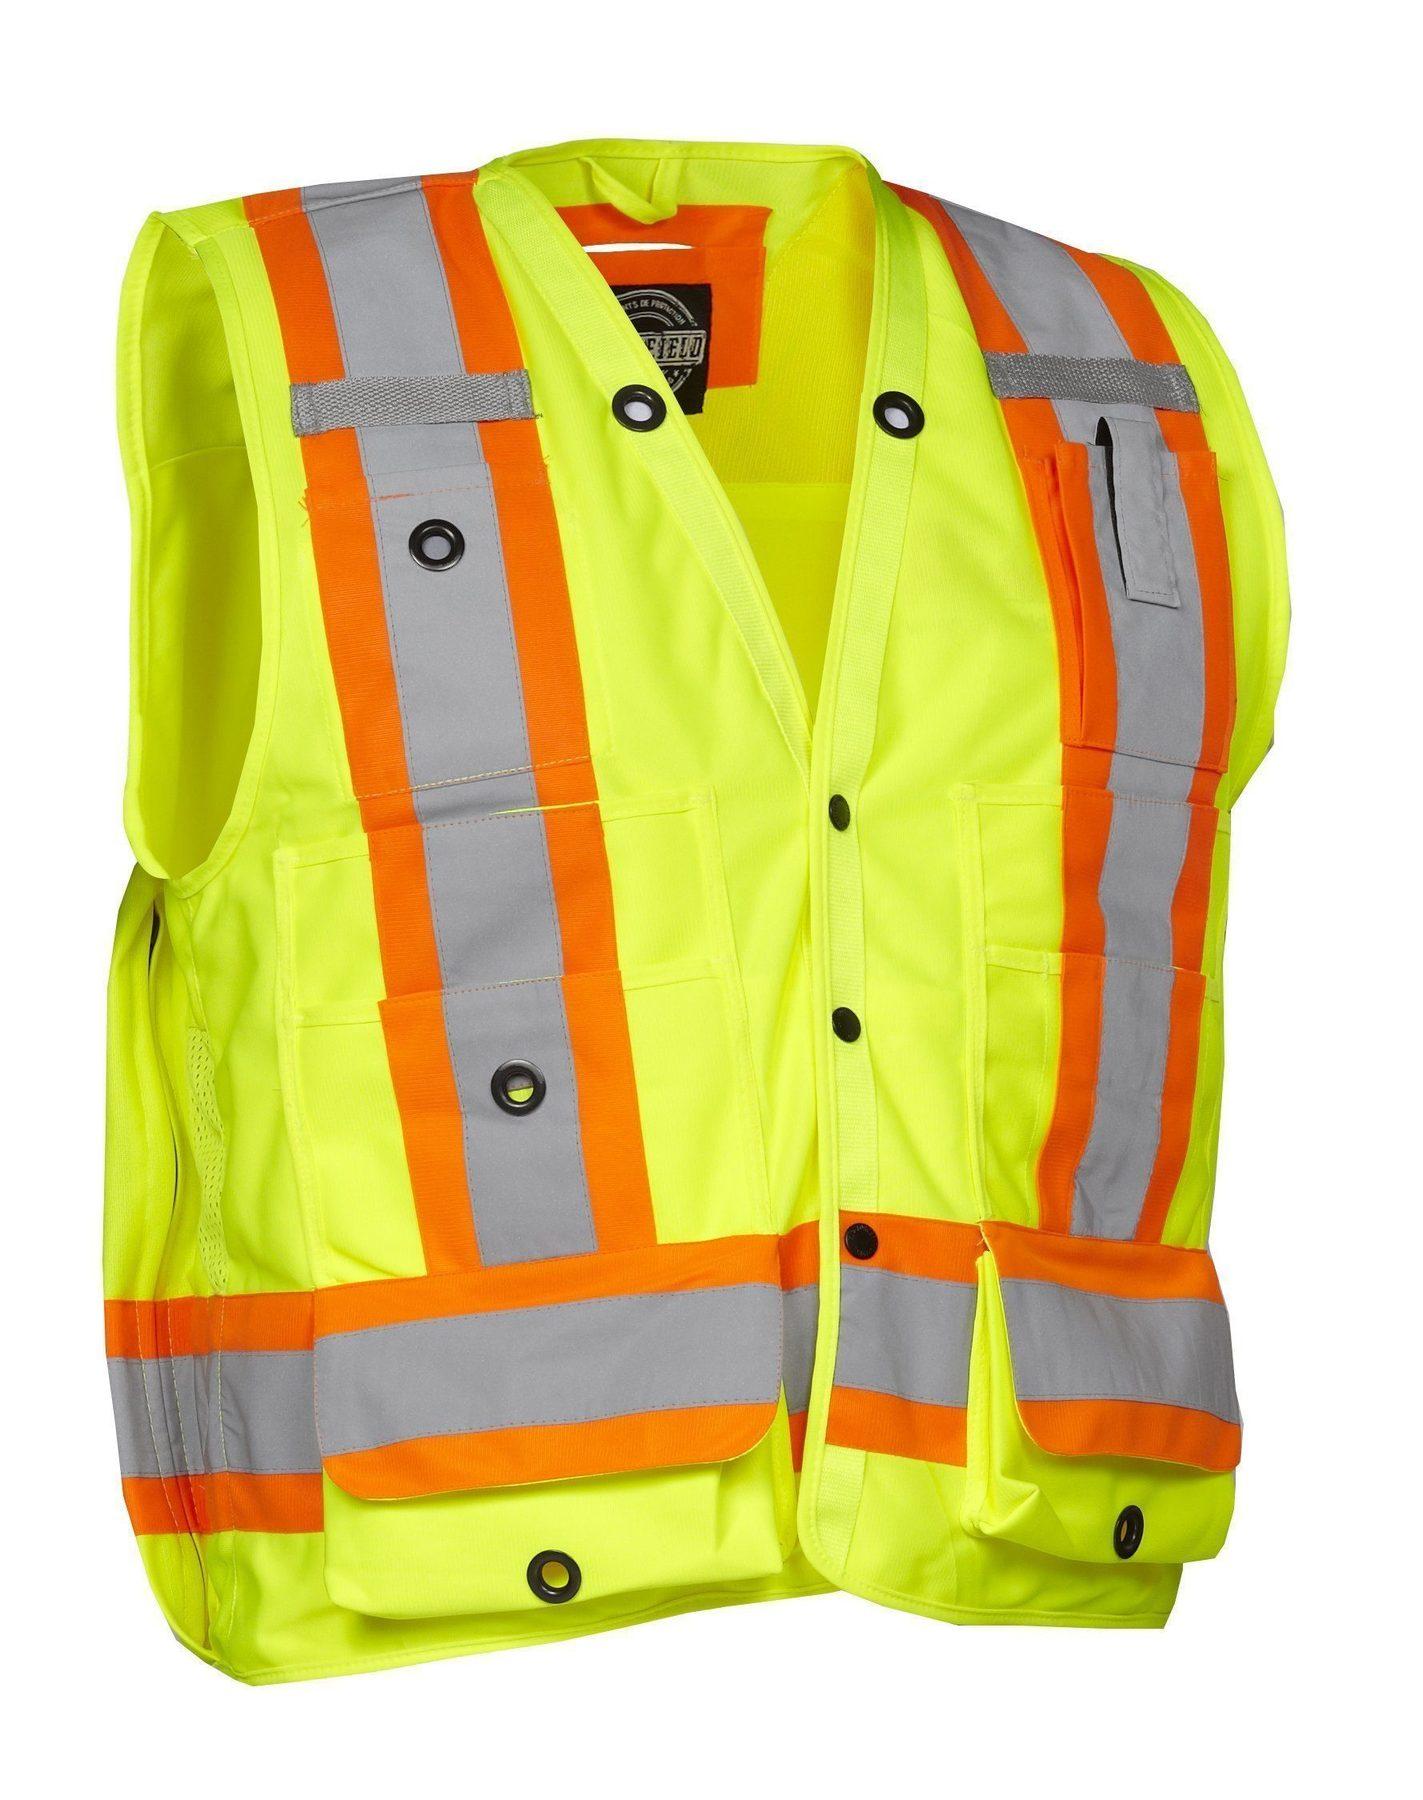 Forcefield Hi-Vis Surveyors Vest 022-TVSURV168LY